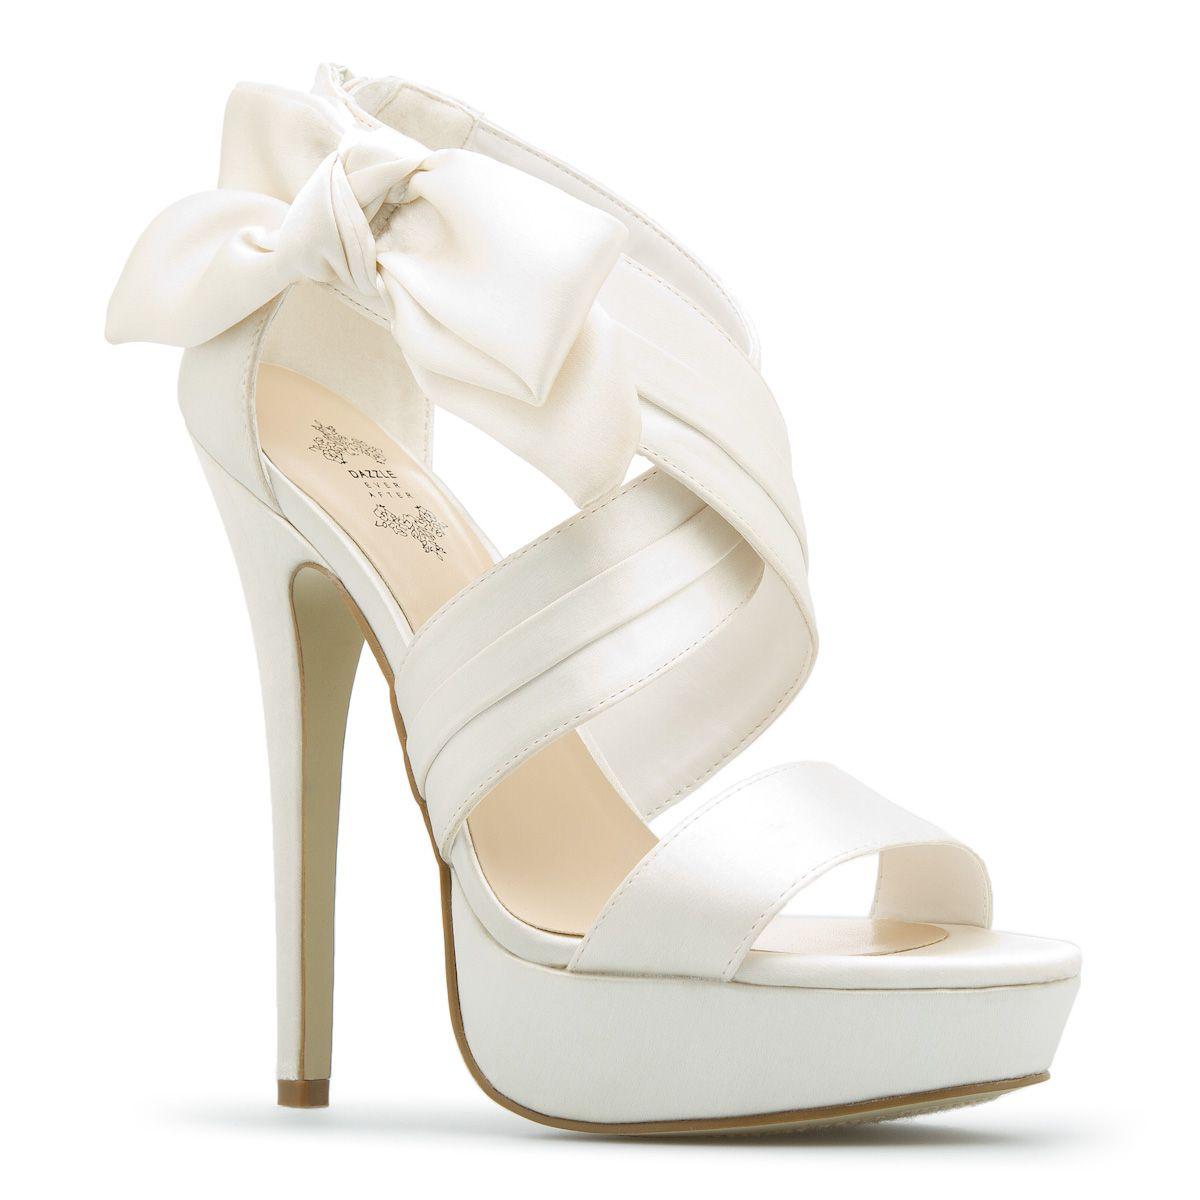 ca128a070392f Annonces Chaussures d occasion et accessoires de mariage pas cher - France